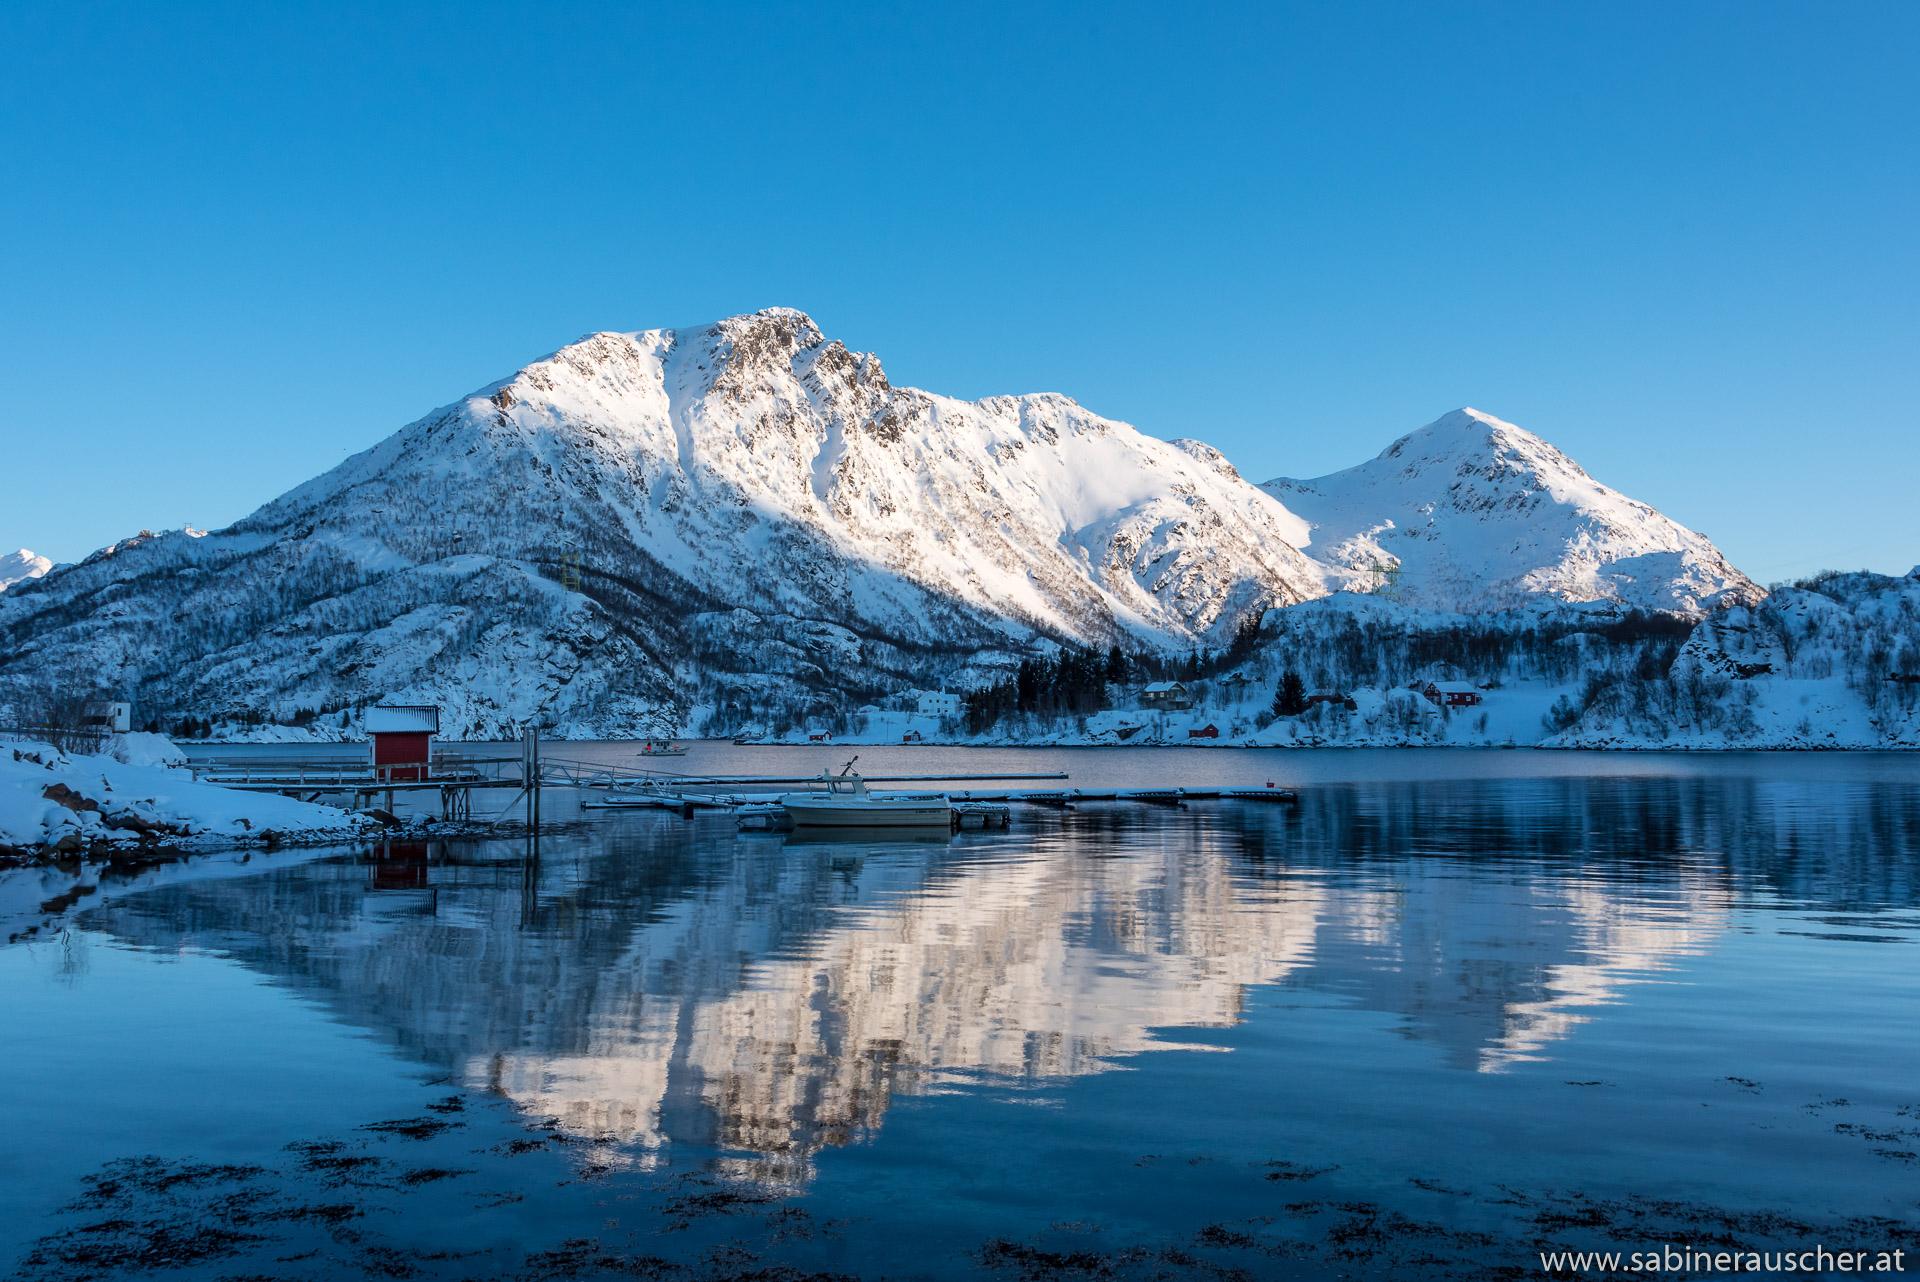 mirrowing hills |sich  im stillen Wasser spiegelnde Berge